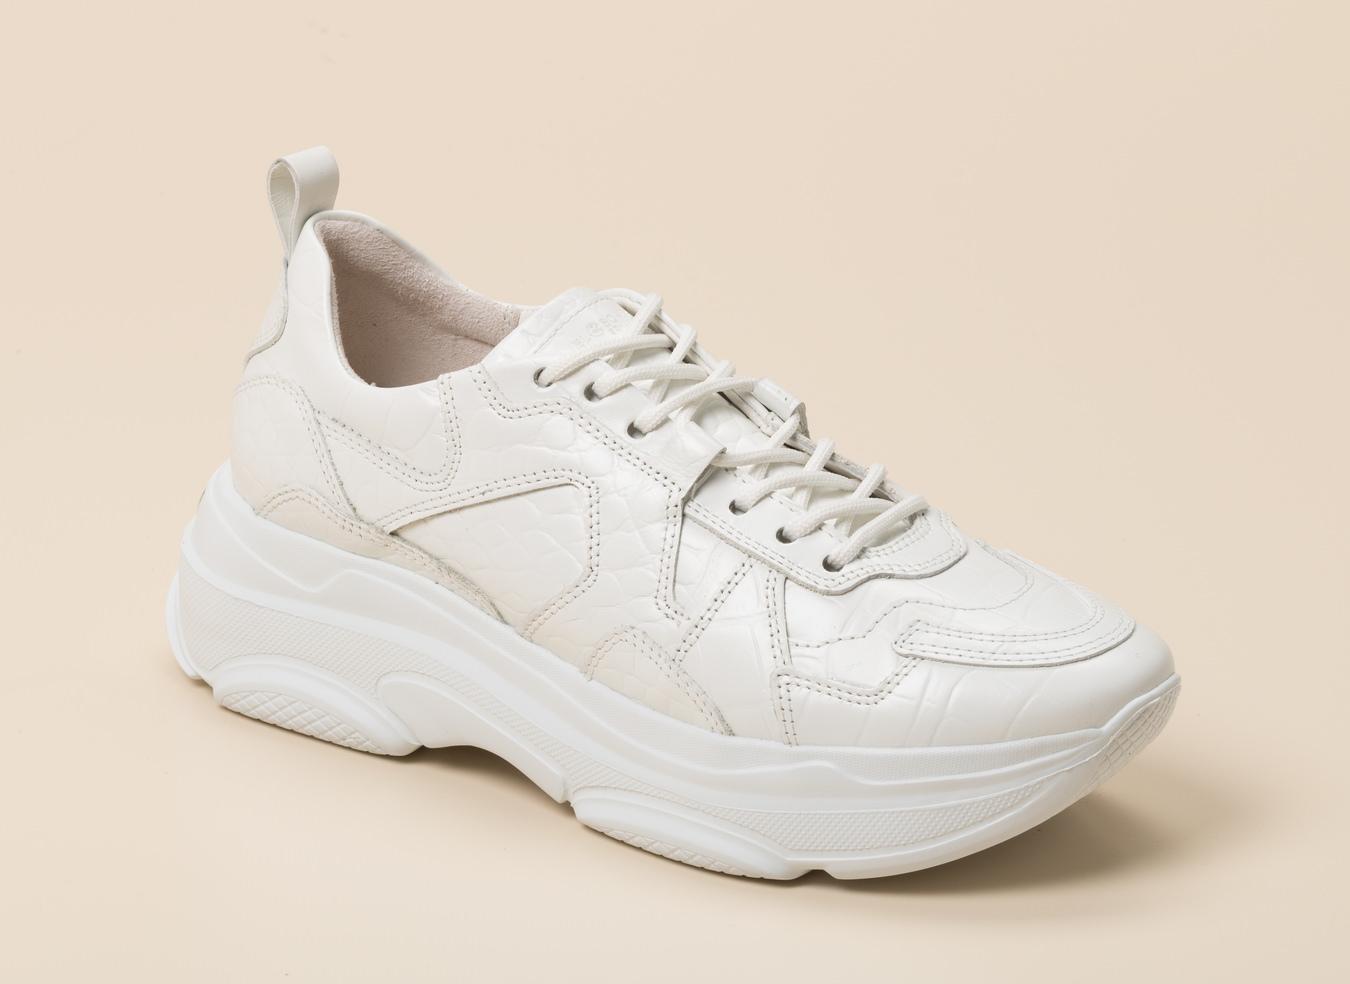 Kennel & Schmenger Damen Sneaker in weiß kaufen | Zumnorde Online Shop